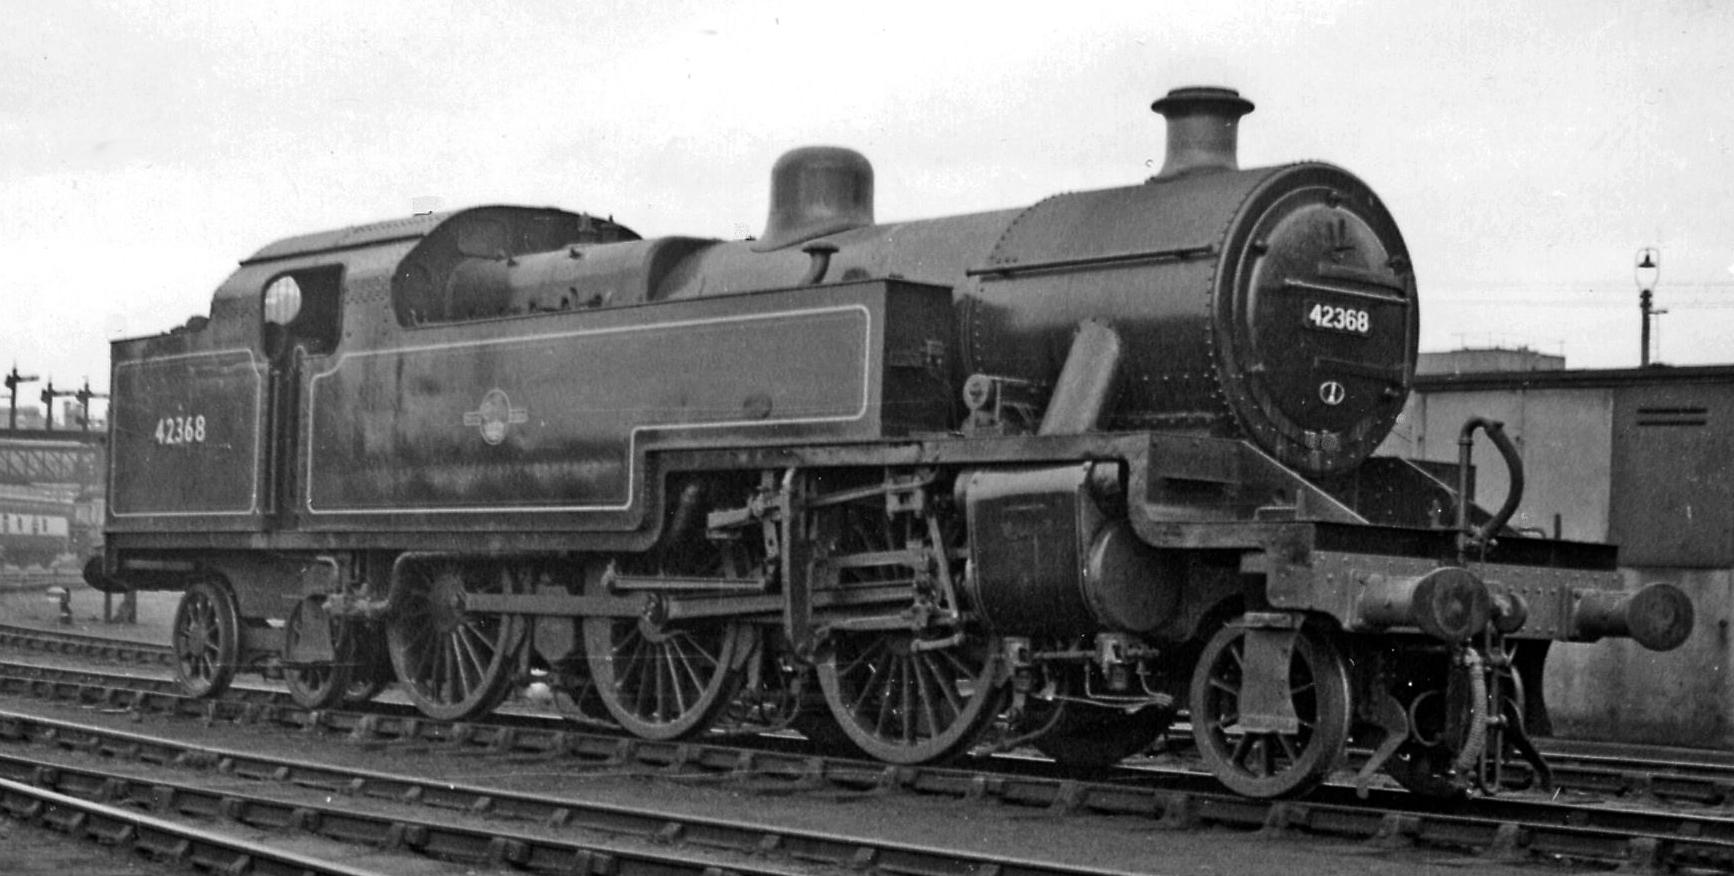 42368 at Derby Locomotive Depot in April 1960. © Ben Brooksbank